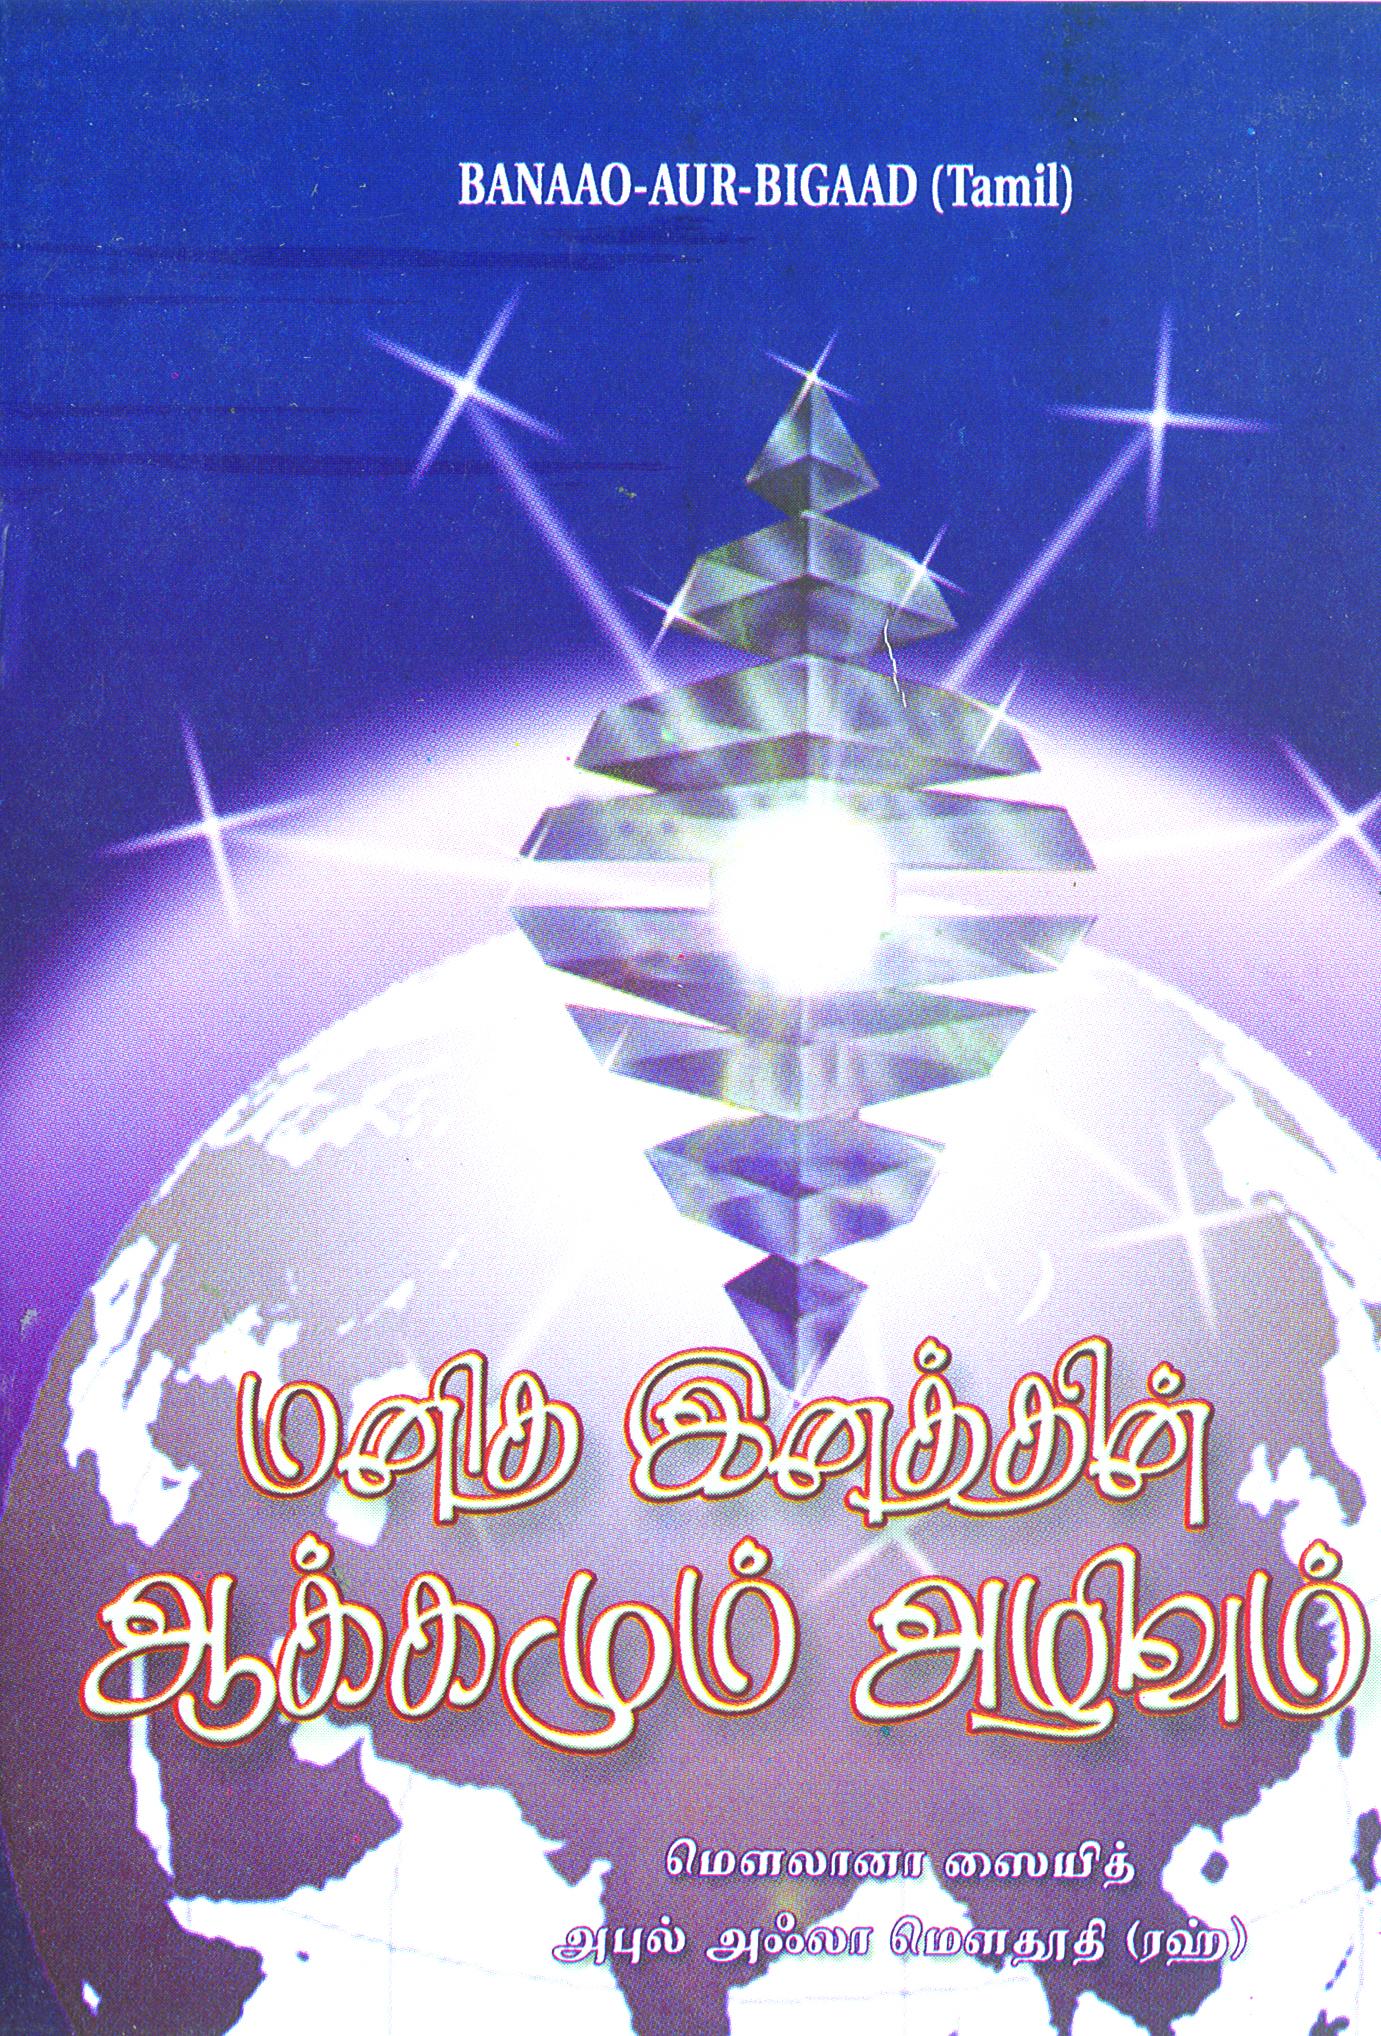 மனித இனத்தின் ஆக்கமும், அழிவும்-Manitha inathin aakkamum, alivum